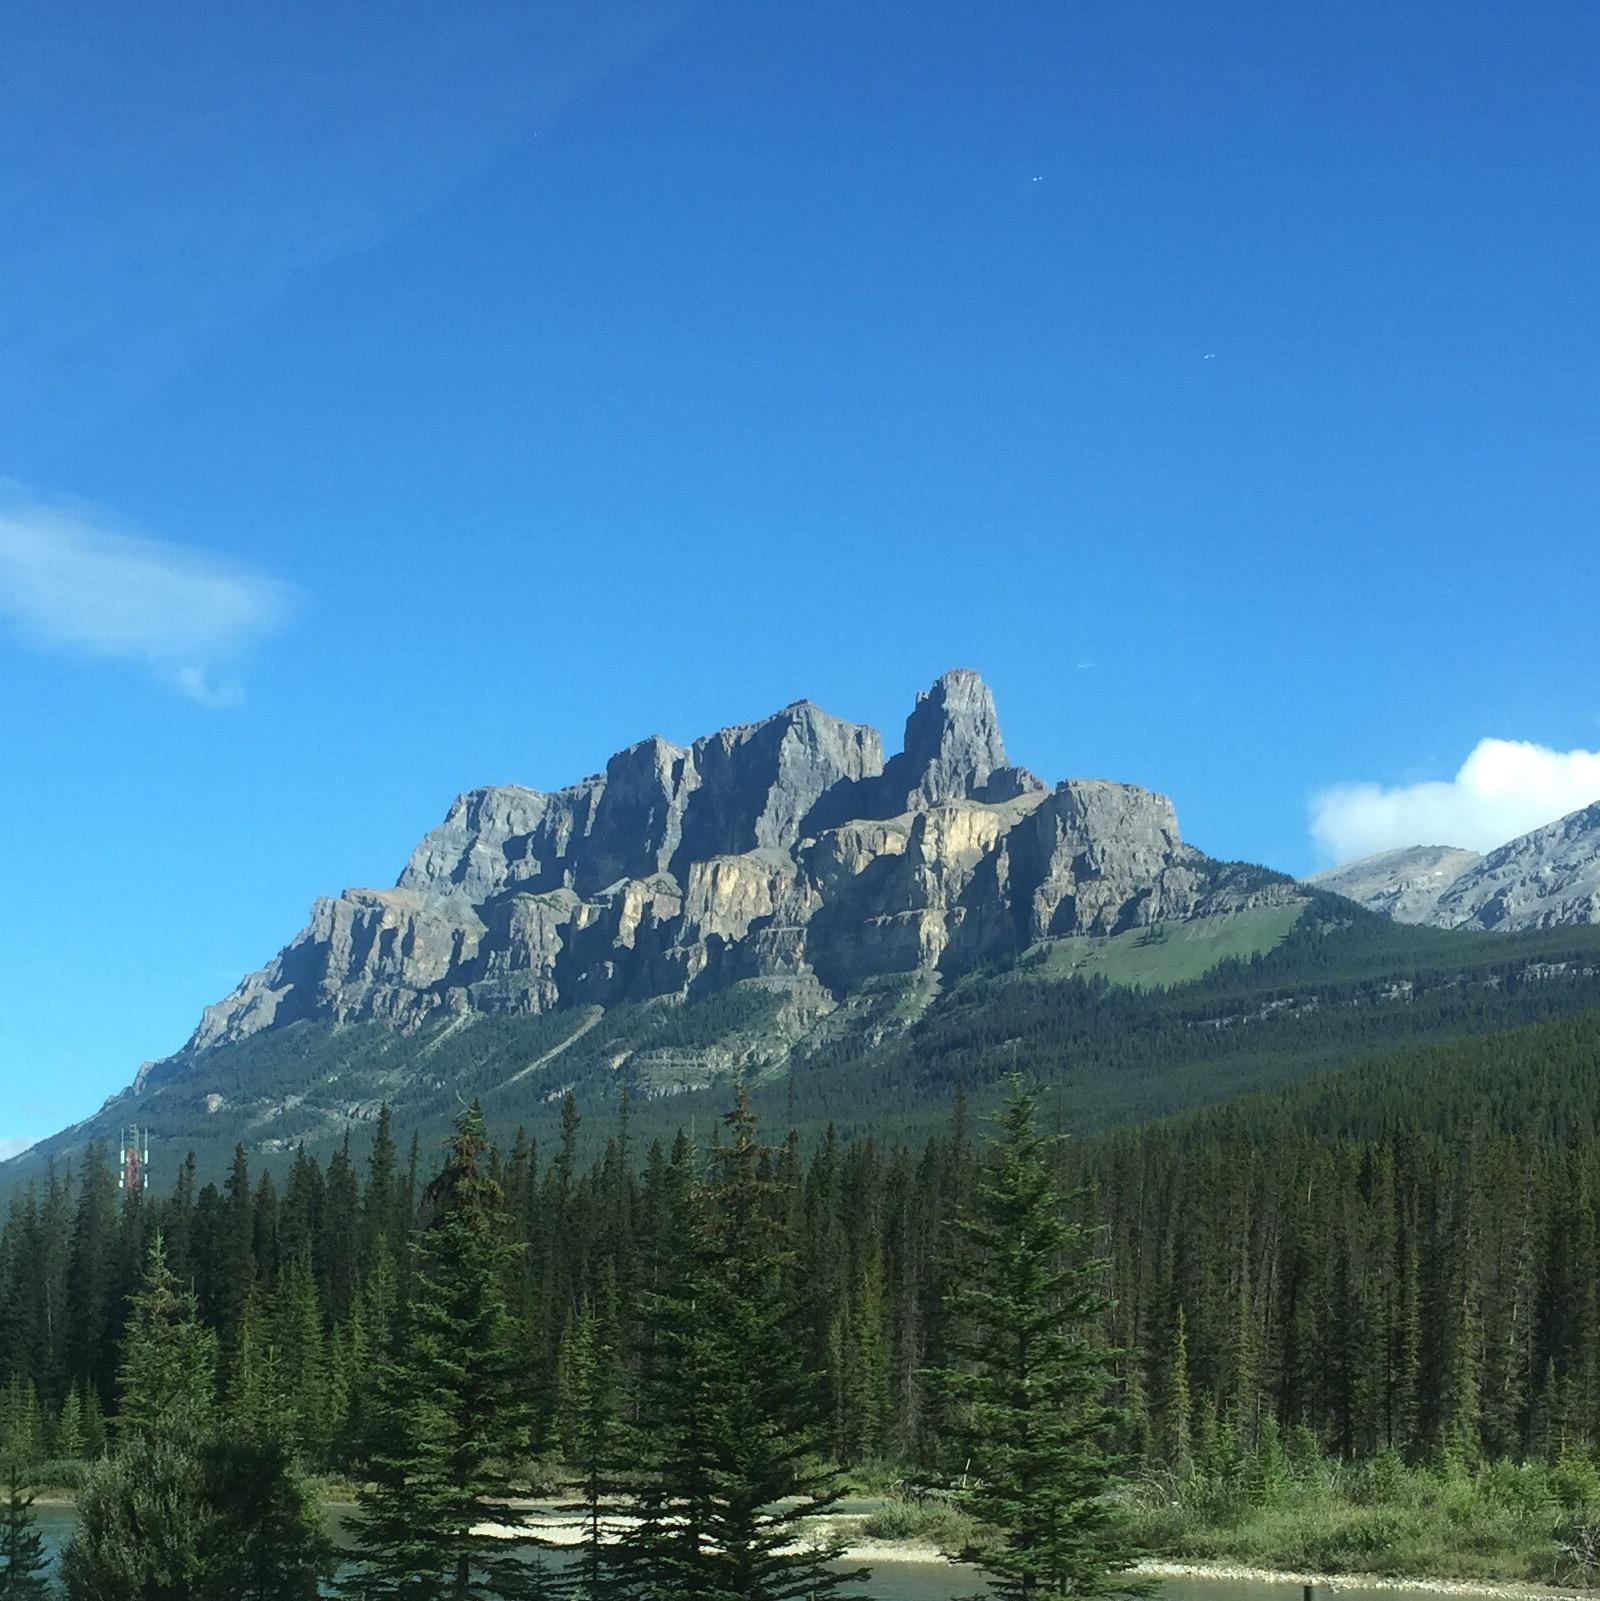 Castle Mountain - My favourite mountain.